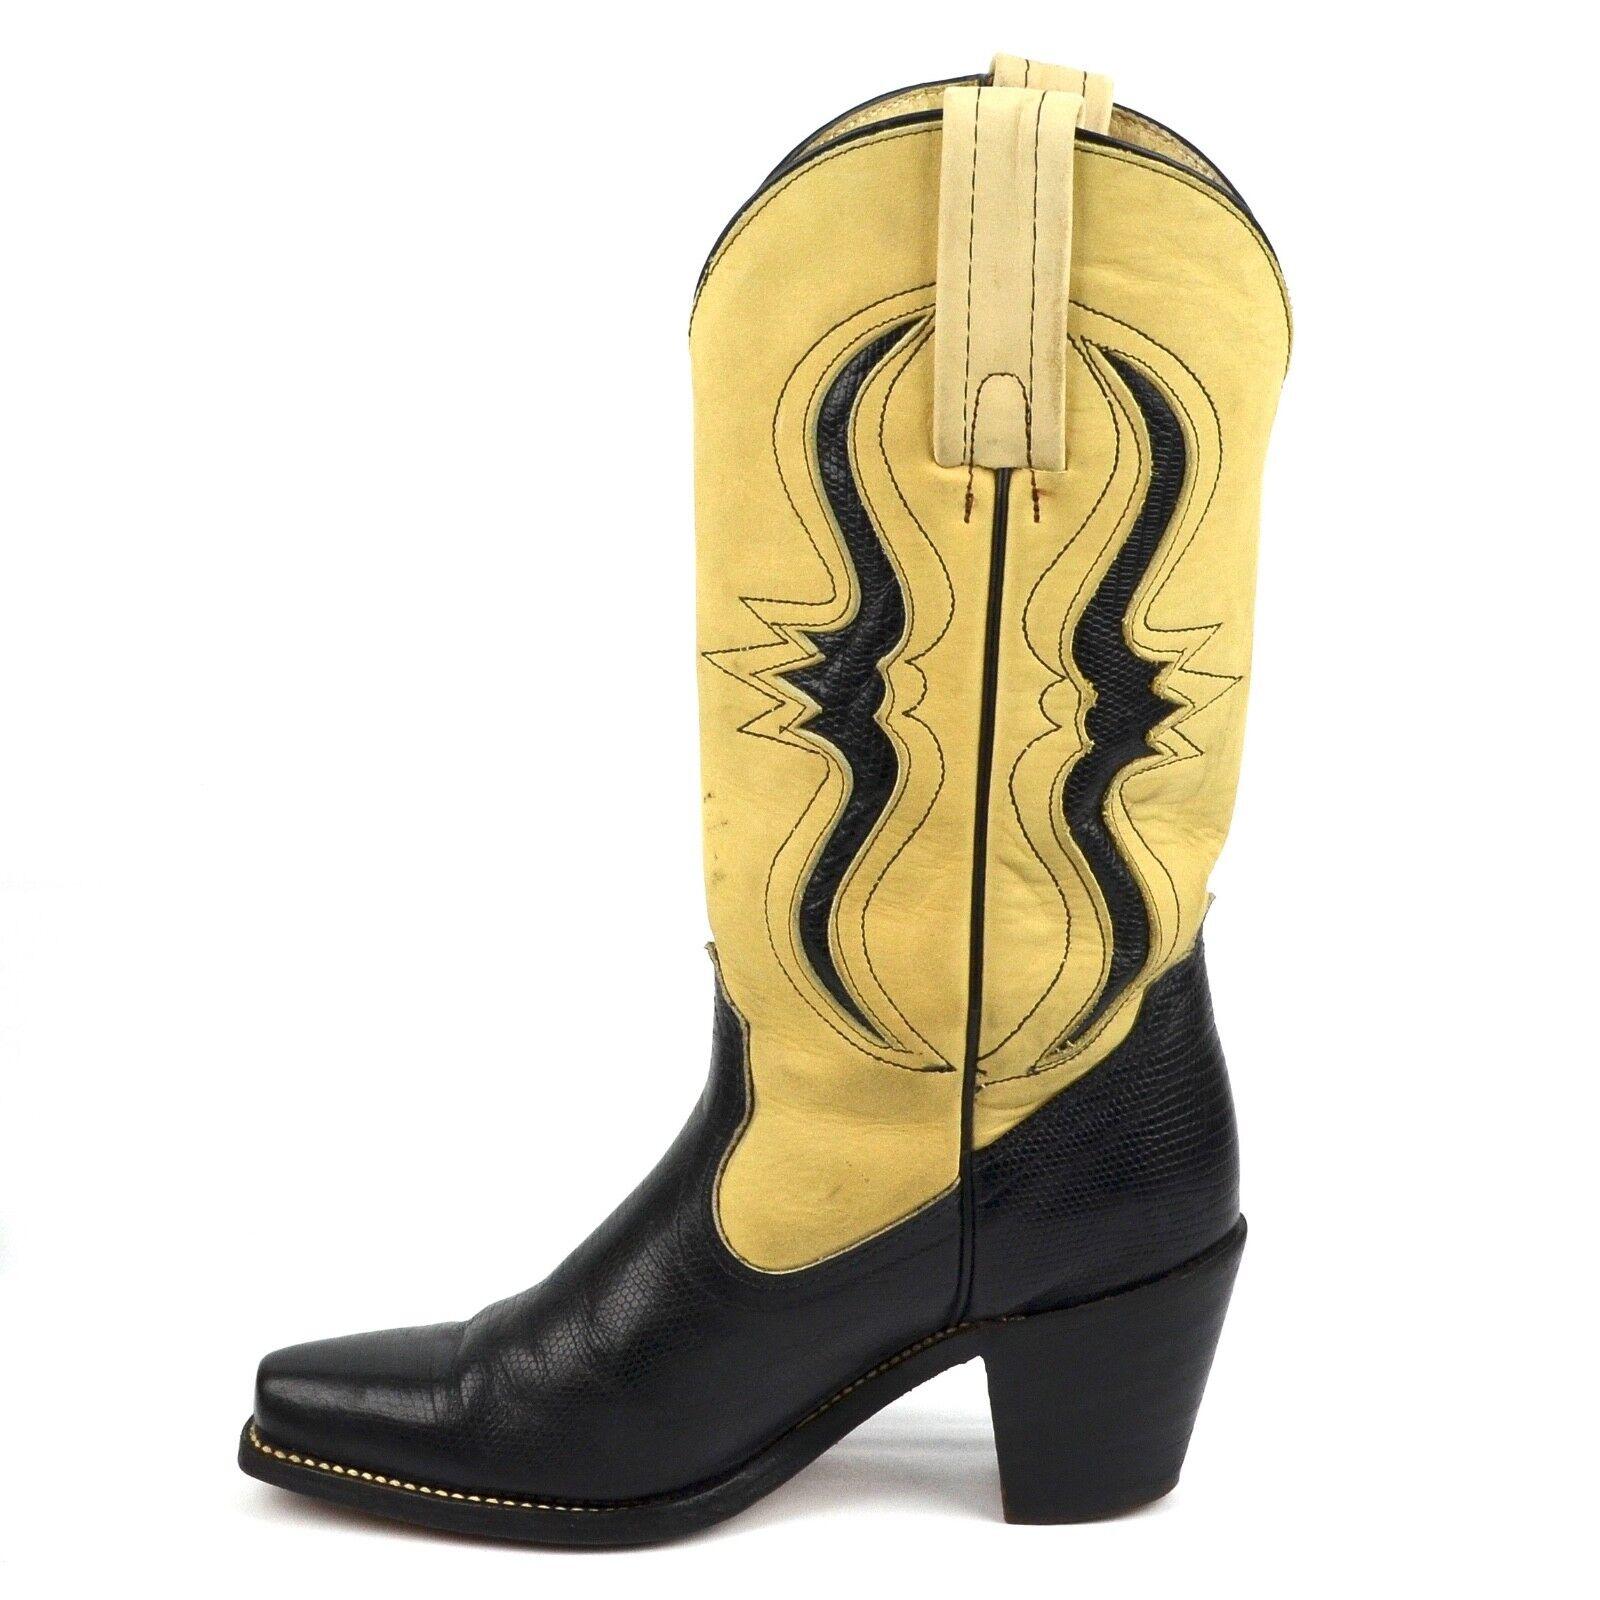 Para mujer botas Frye Vaquera exóticas talla_6B pie de lagarto Negro y Beige Cuero Usa